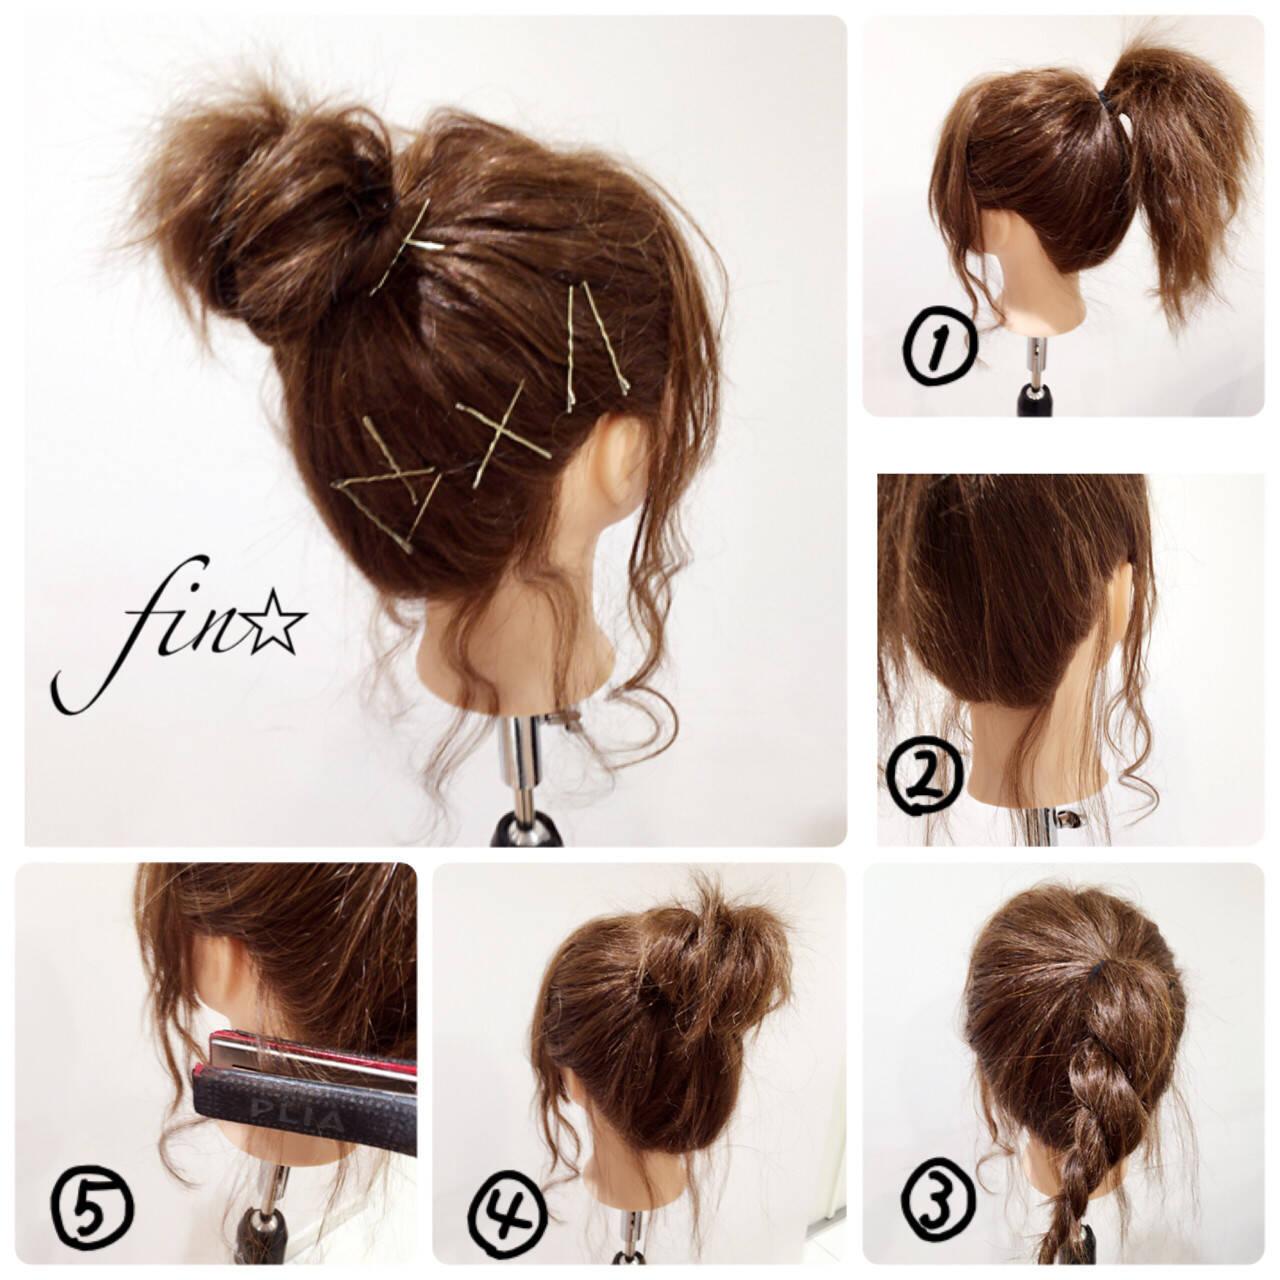 ショート お団子 結婚式 簡単ヘアアレンジヘアスタイルや髪型の写真・画像